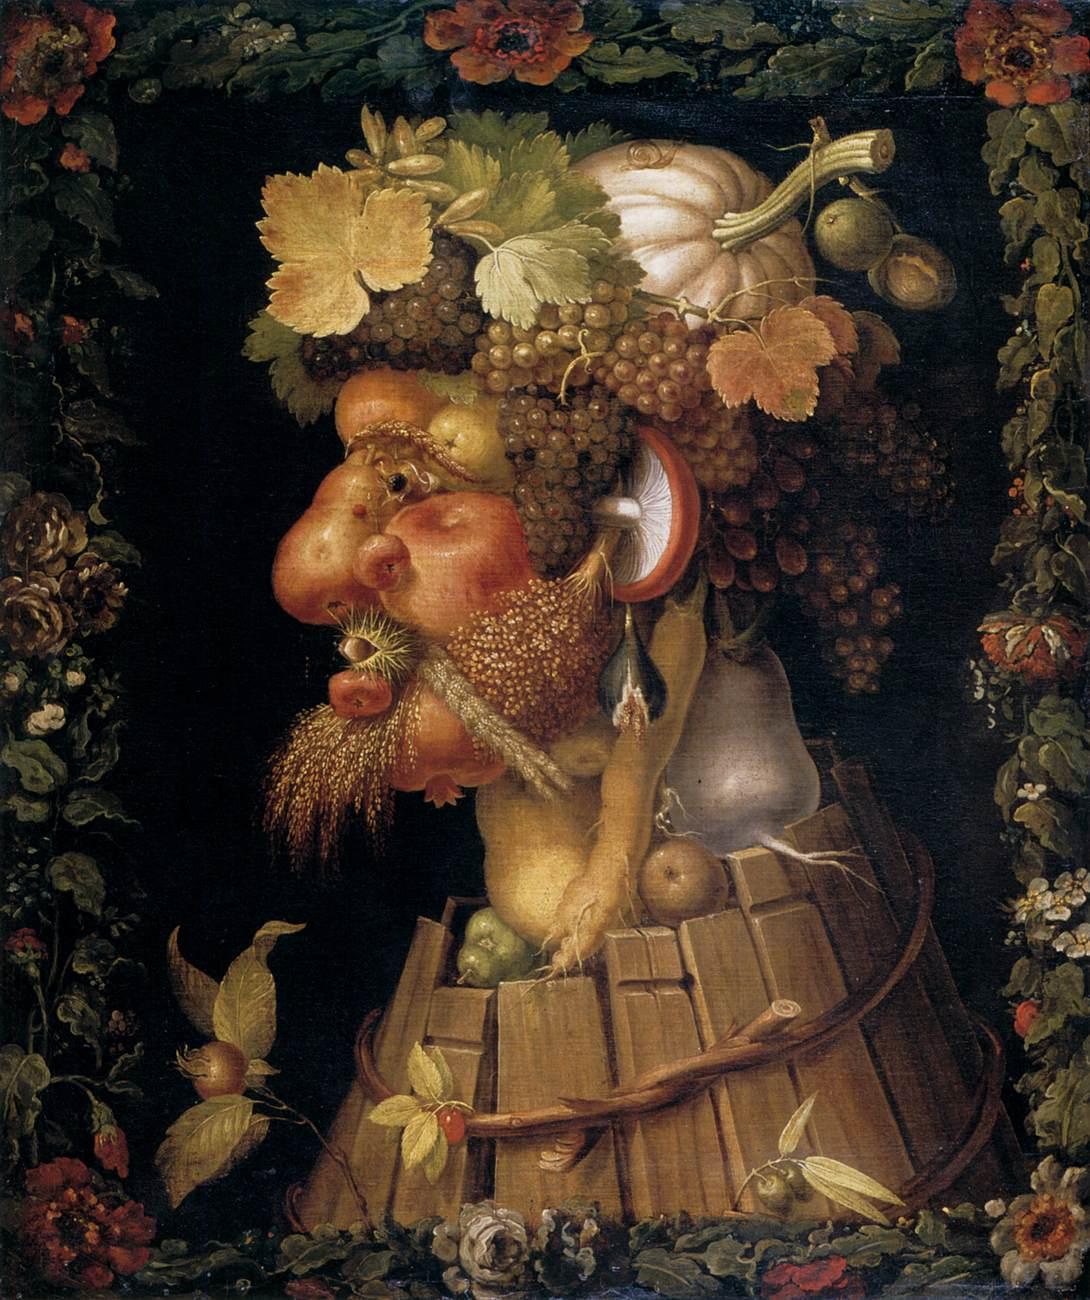 Осень (картина Арчимбольдо) — Википедия